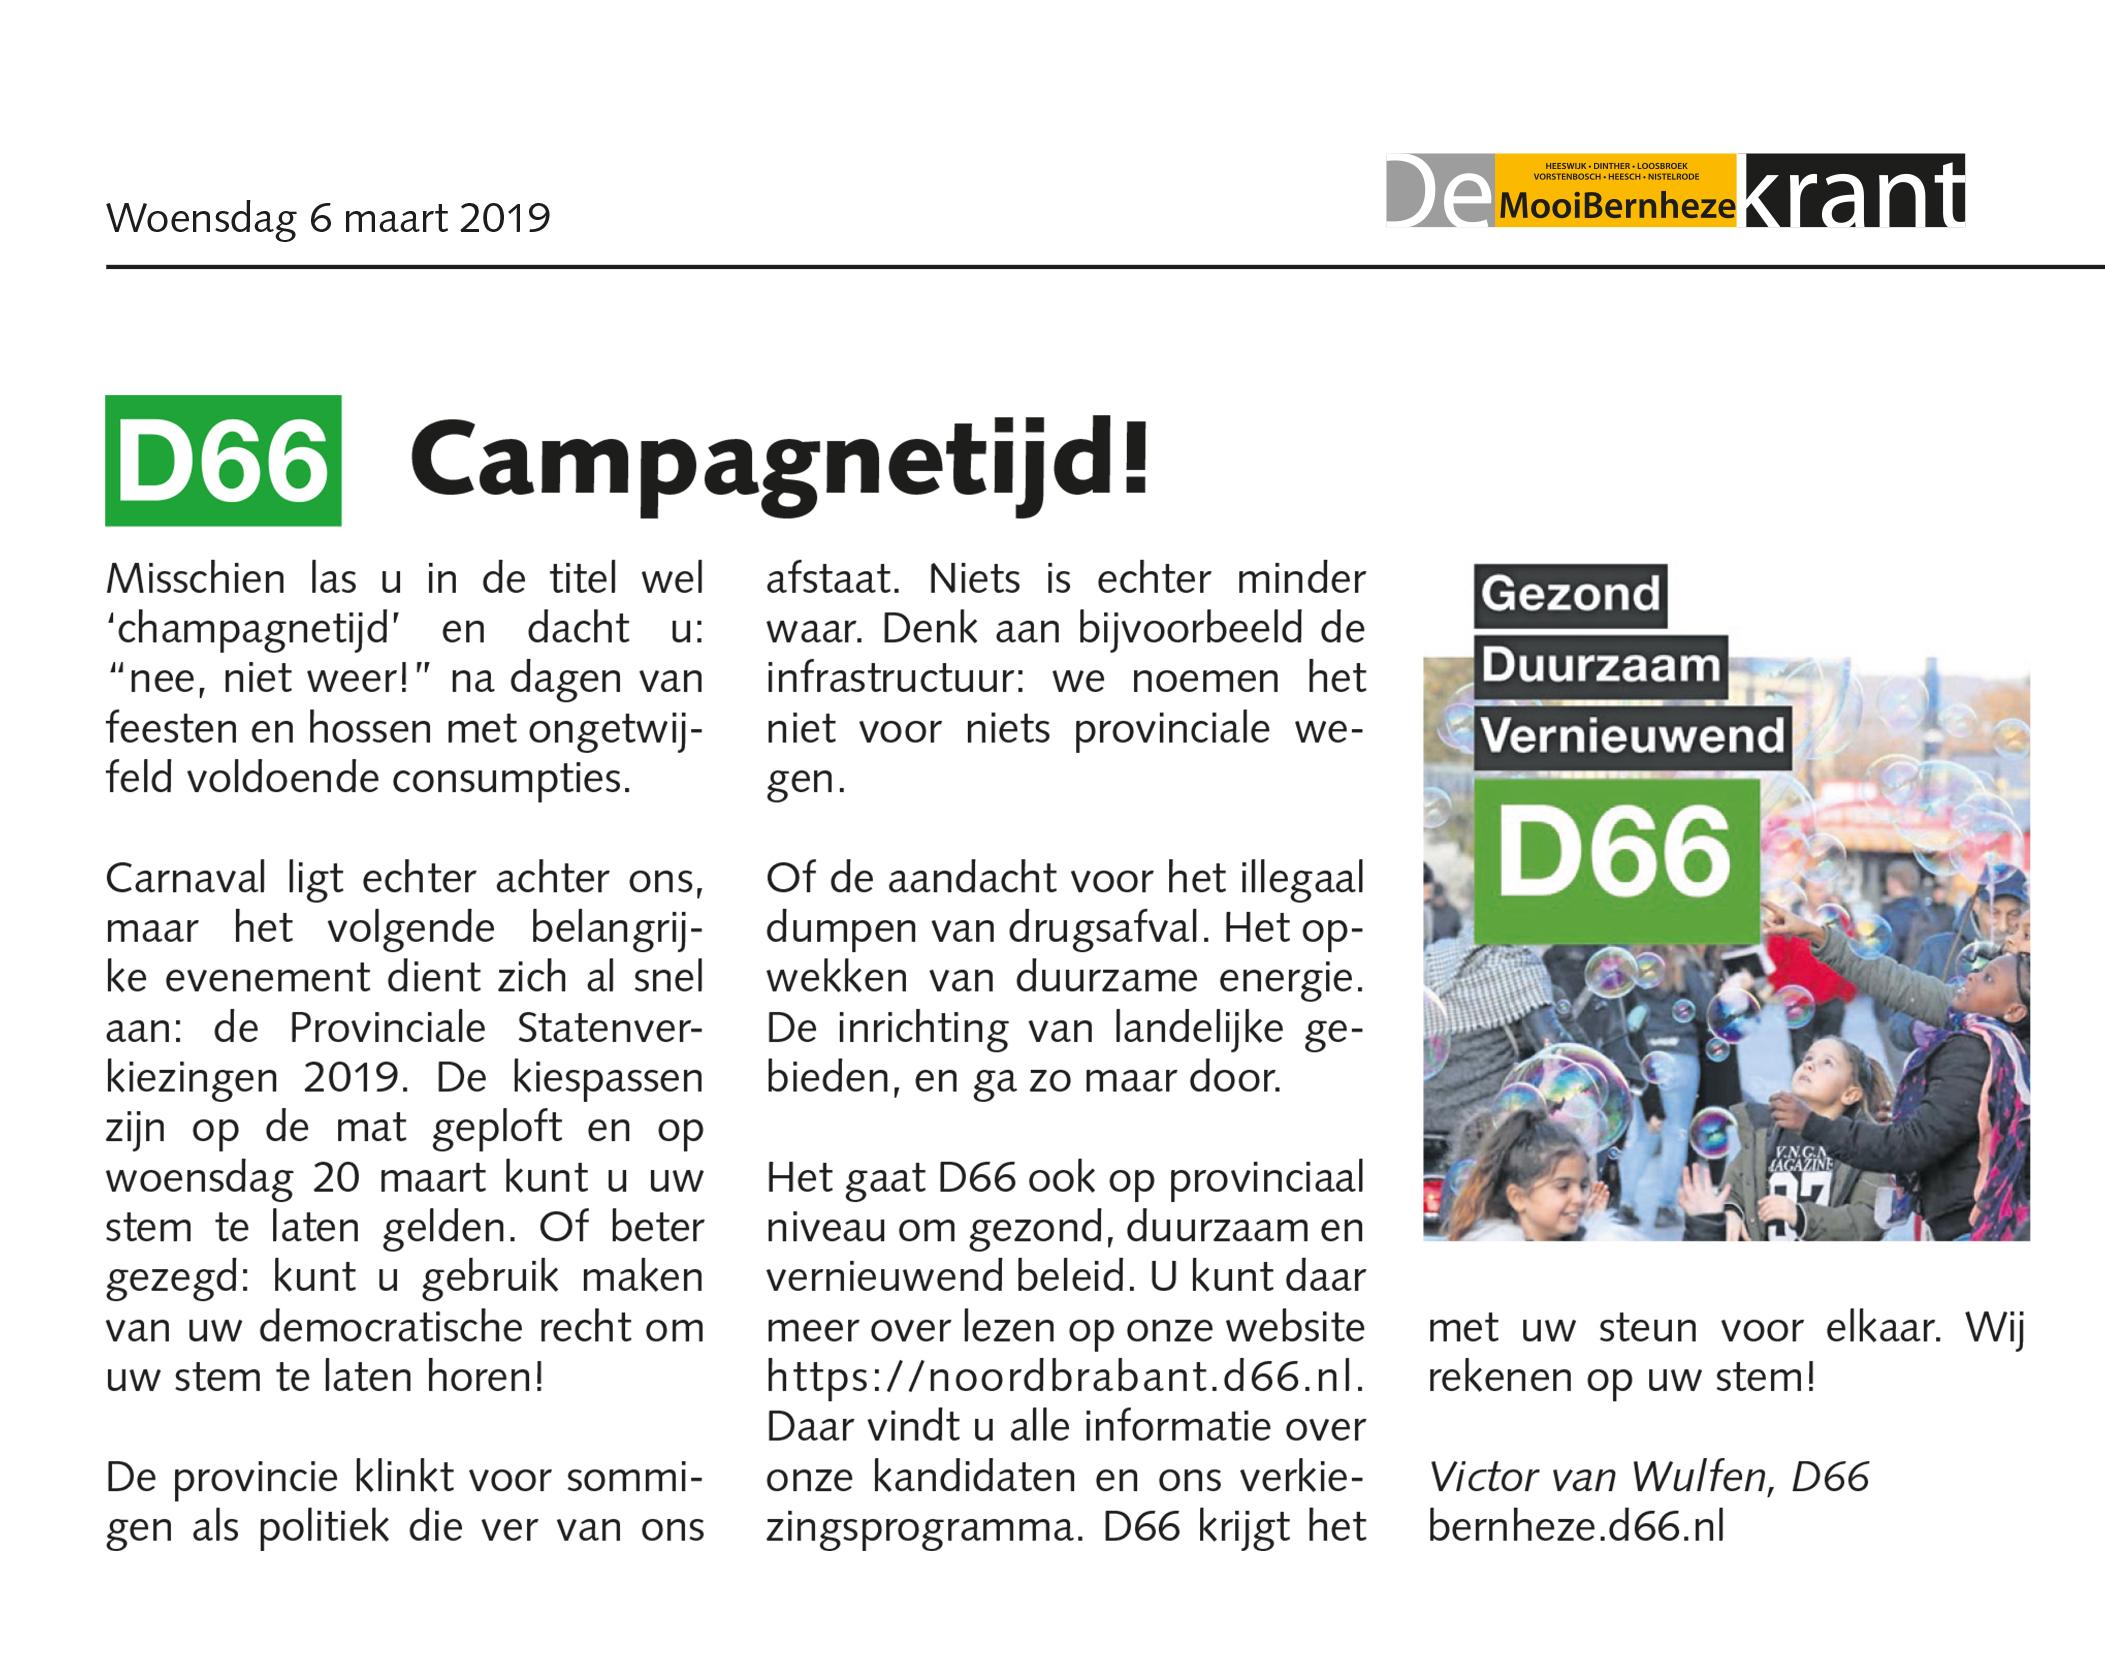 Victor van Wulfen, commissie Bestuur & Strategie: Campagnetijd!